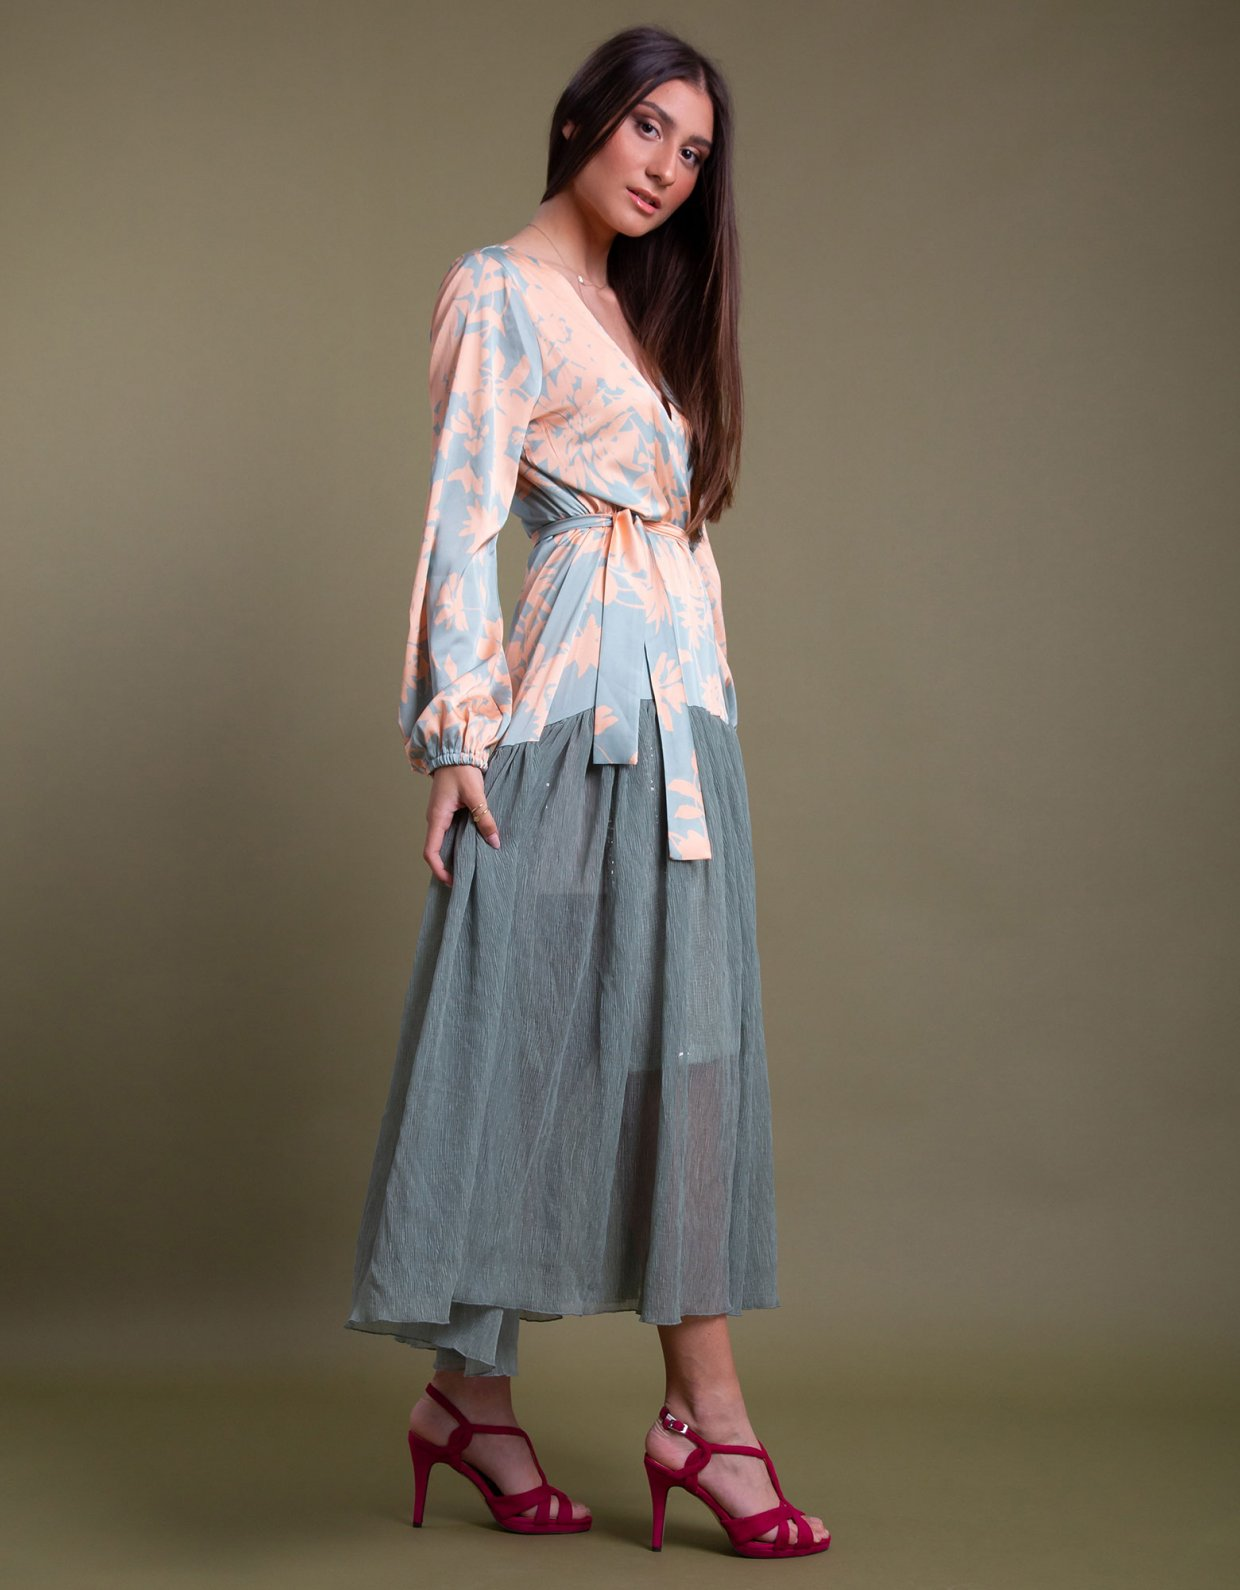 Nidodileda Hydrous kimono